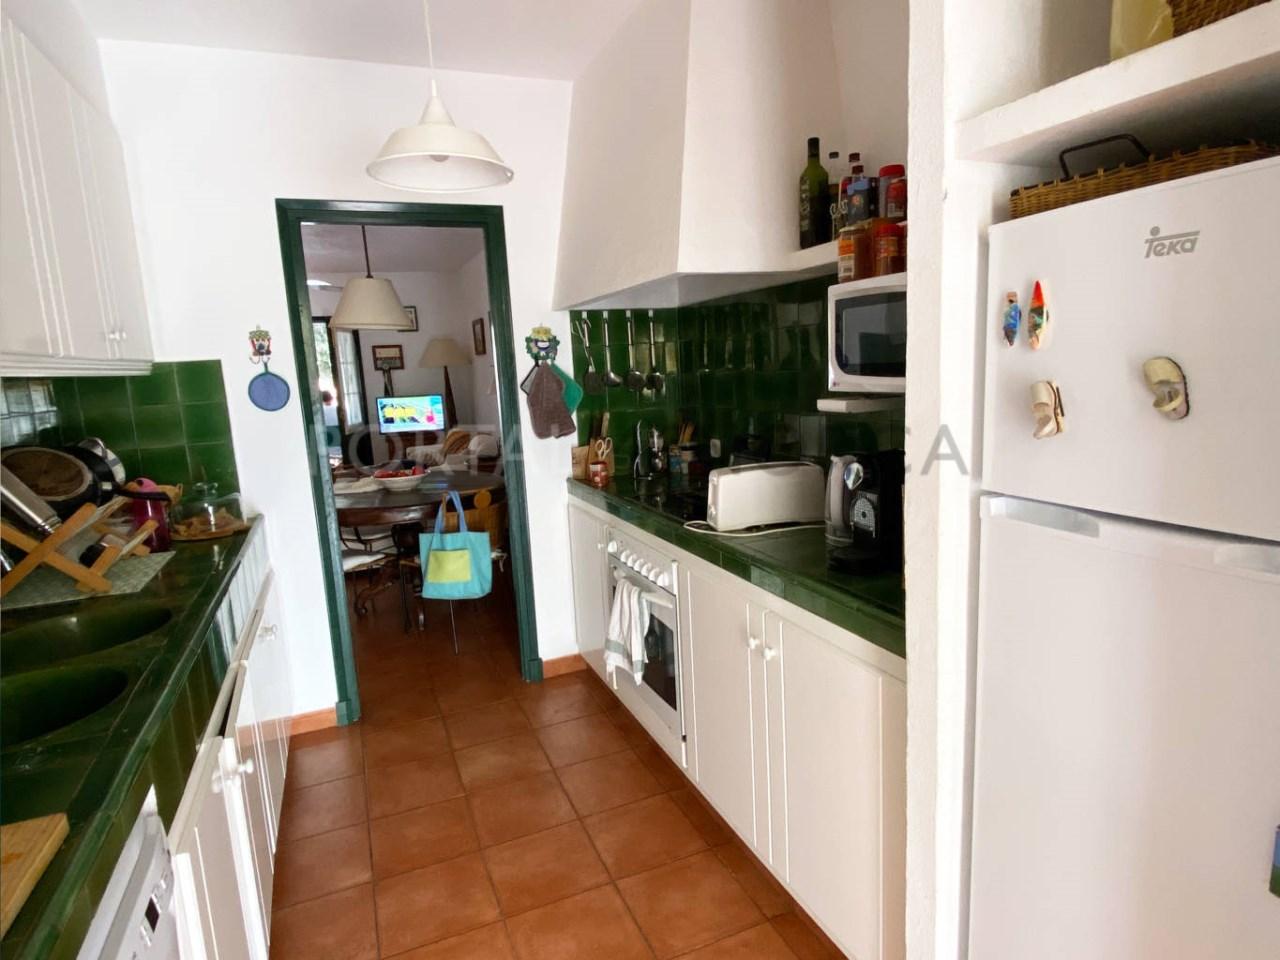 Duplex in Fornells_kitchen